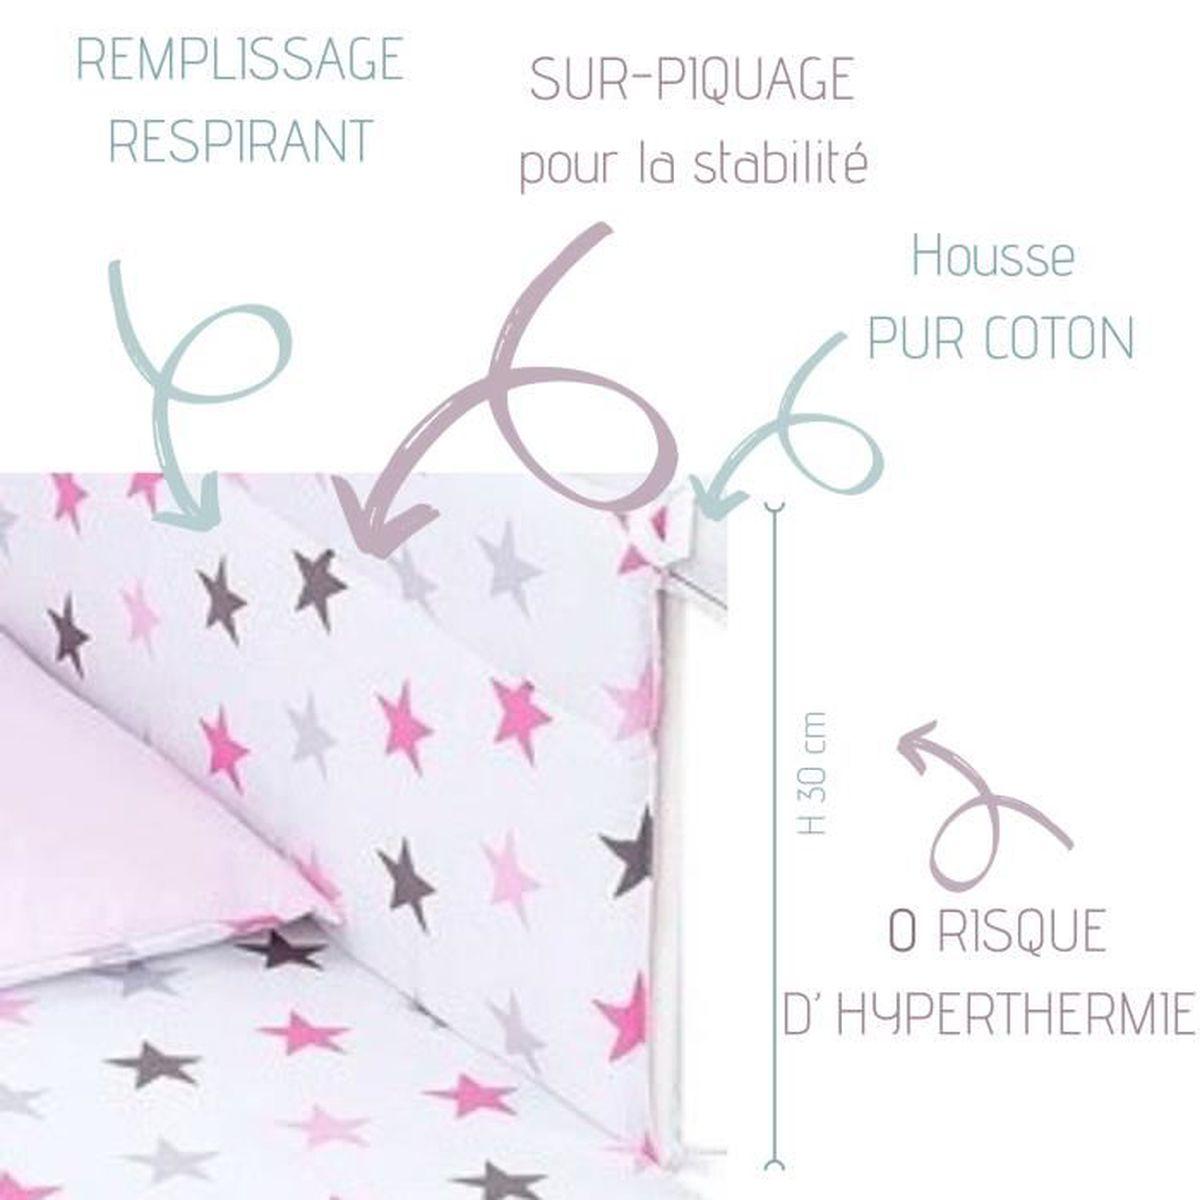 210 cm lit b/éb/é /évolutif 100/% coton Rose Gris Pois Callyna/® Tour de lit r/éversible 100/% Union Europ/éenne